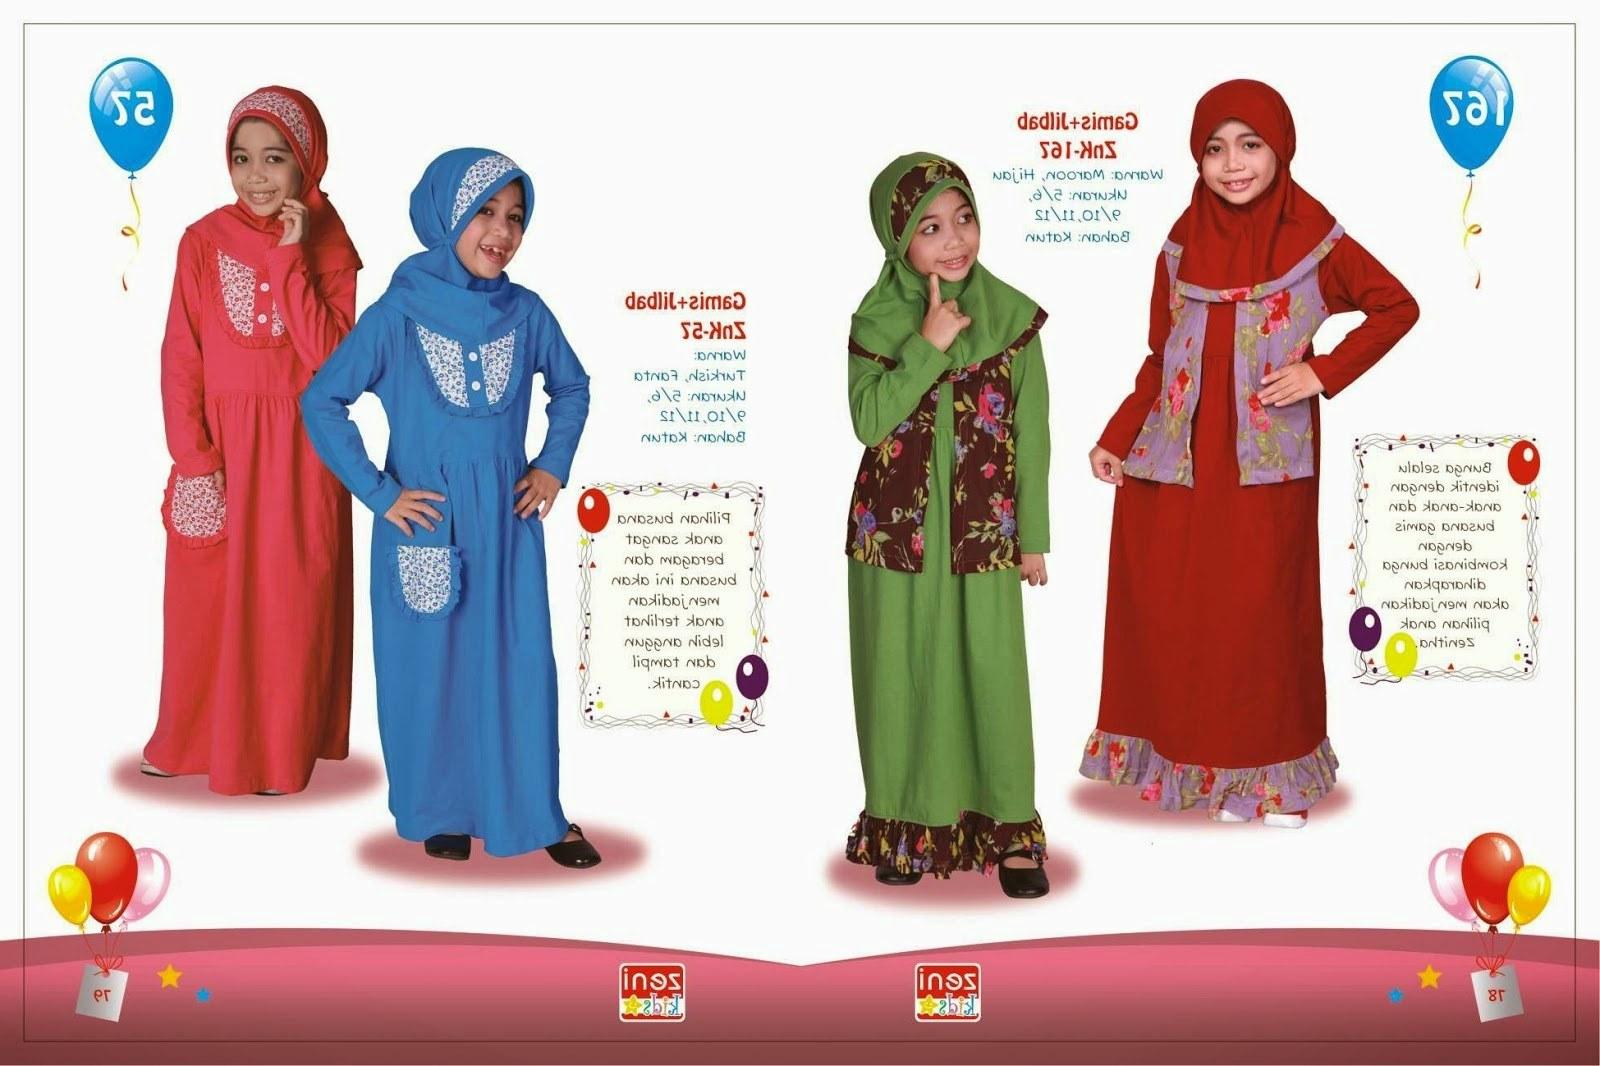 Ide Baju Lebaran Lucu S1du Baju Lebaran Anak Setelan Gamis Yang Imut Dan Lucu 2015